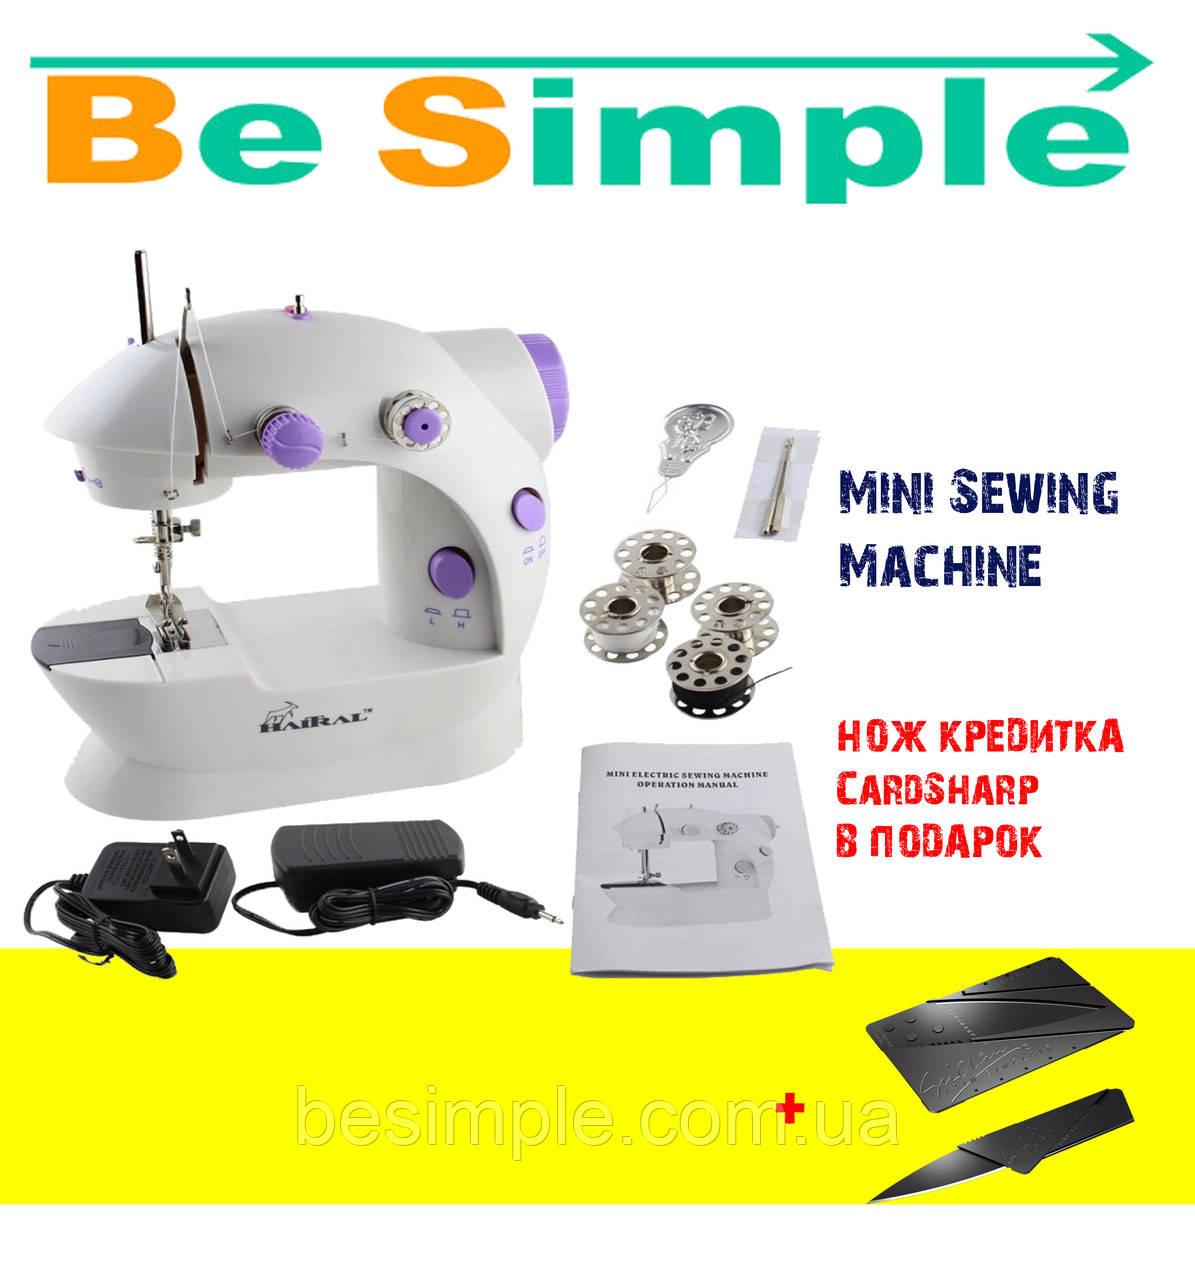 Мини швейная машинка 4 в 1 Mini Sewing Machine модель 201